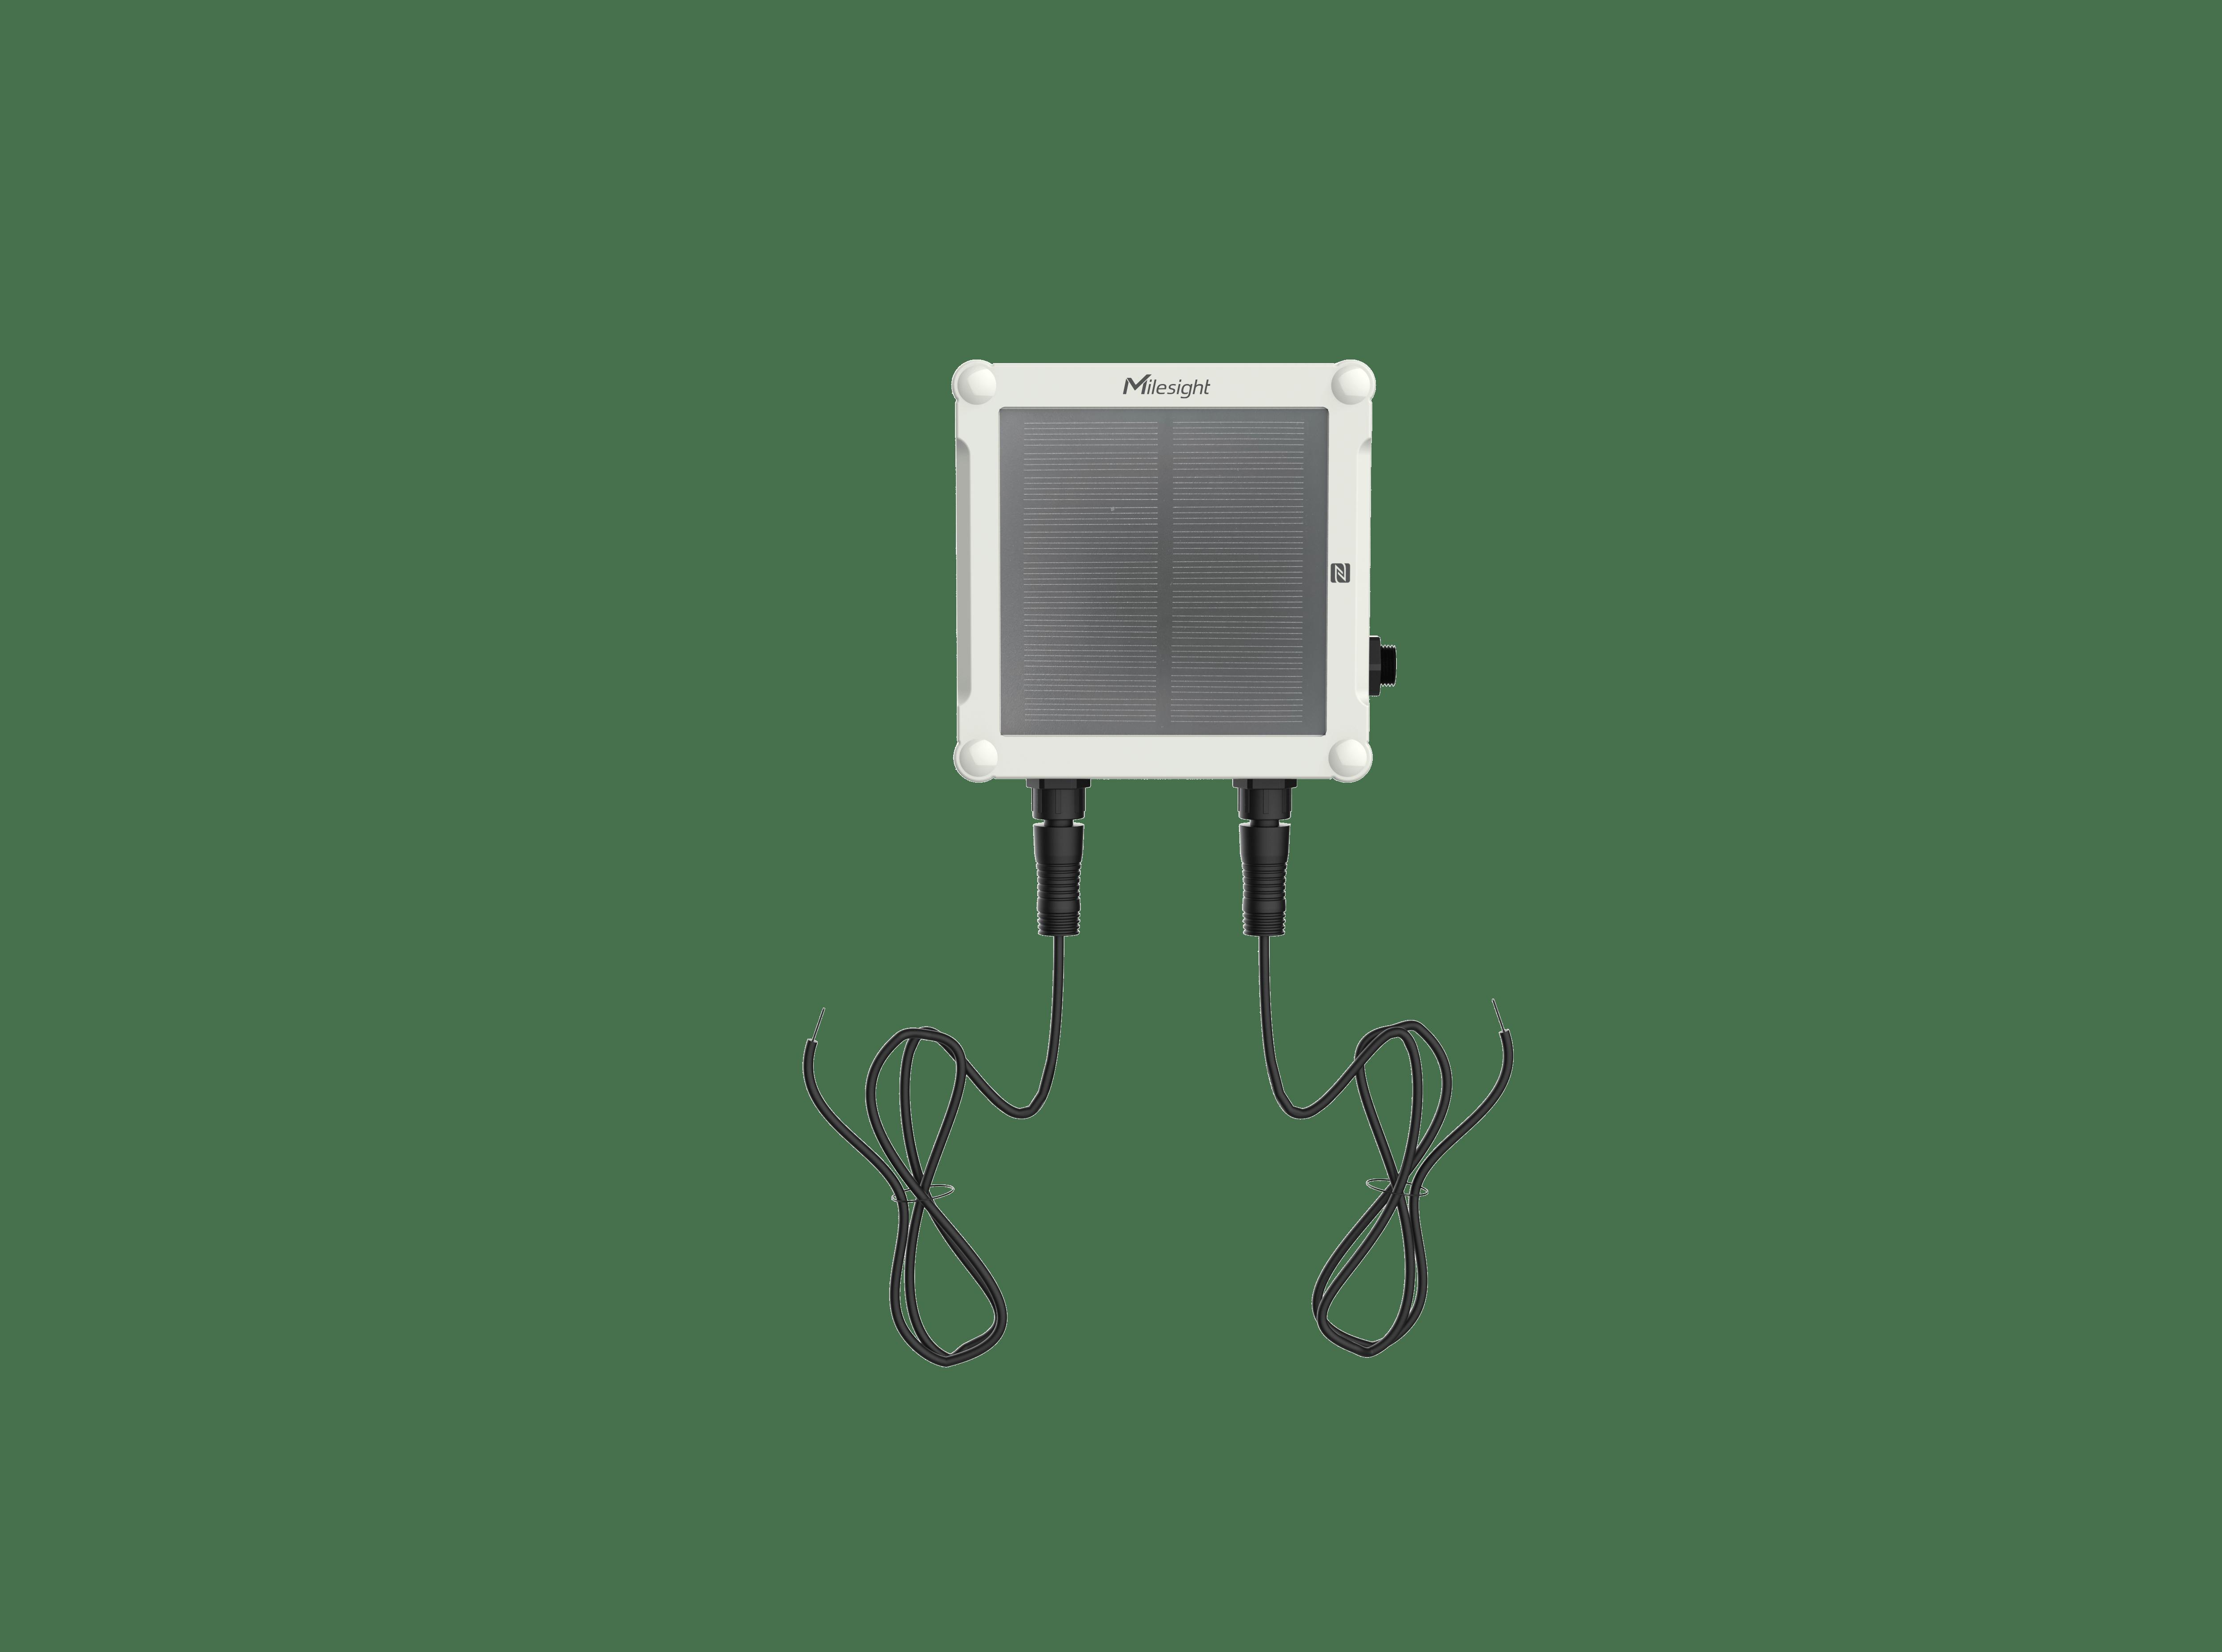 Milesight LoRaWAN® Solenoid Valve Controller